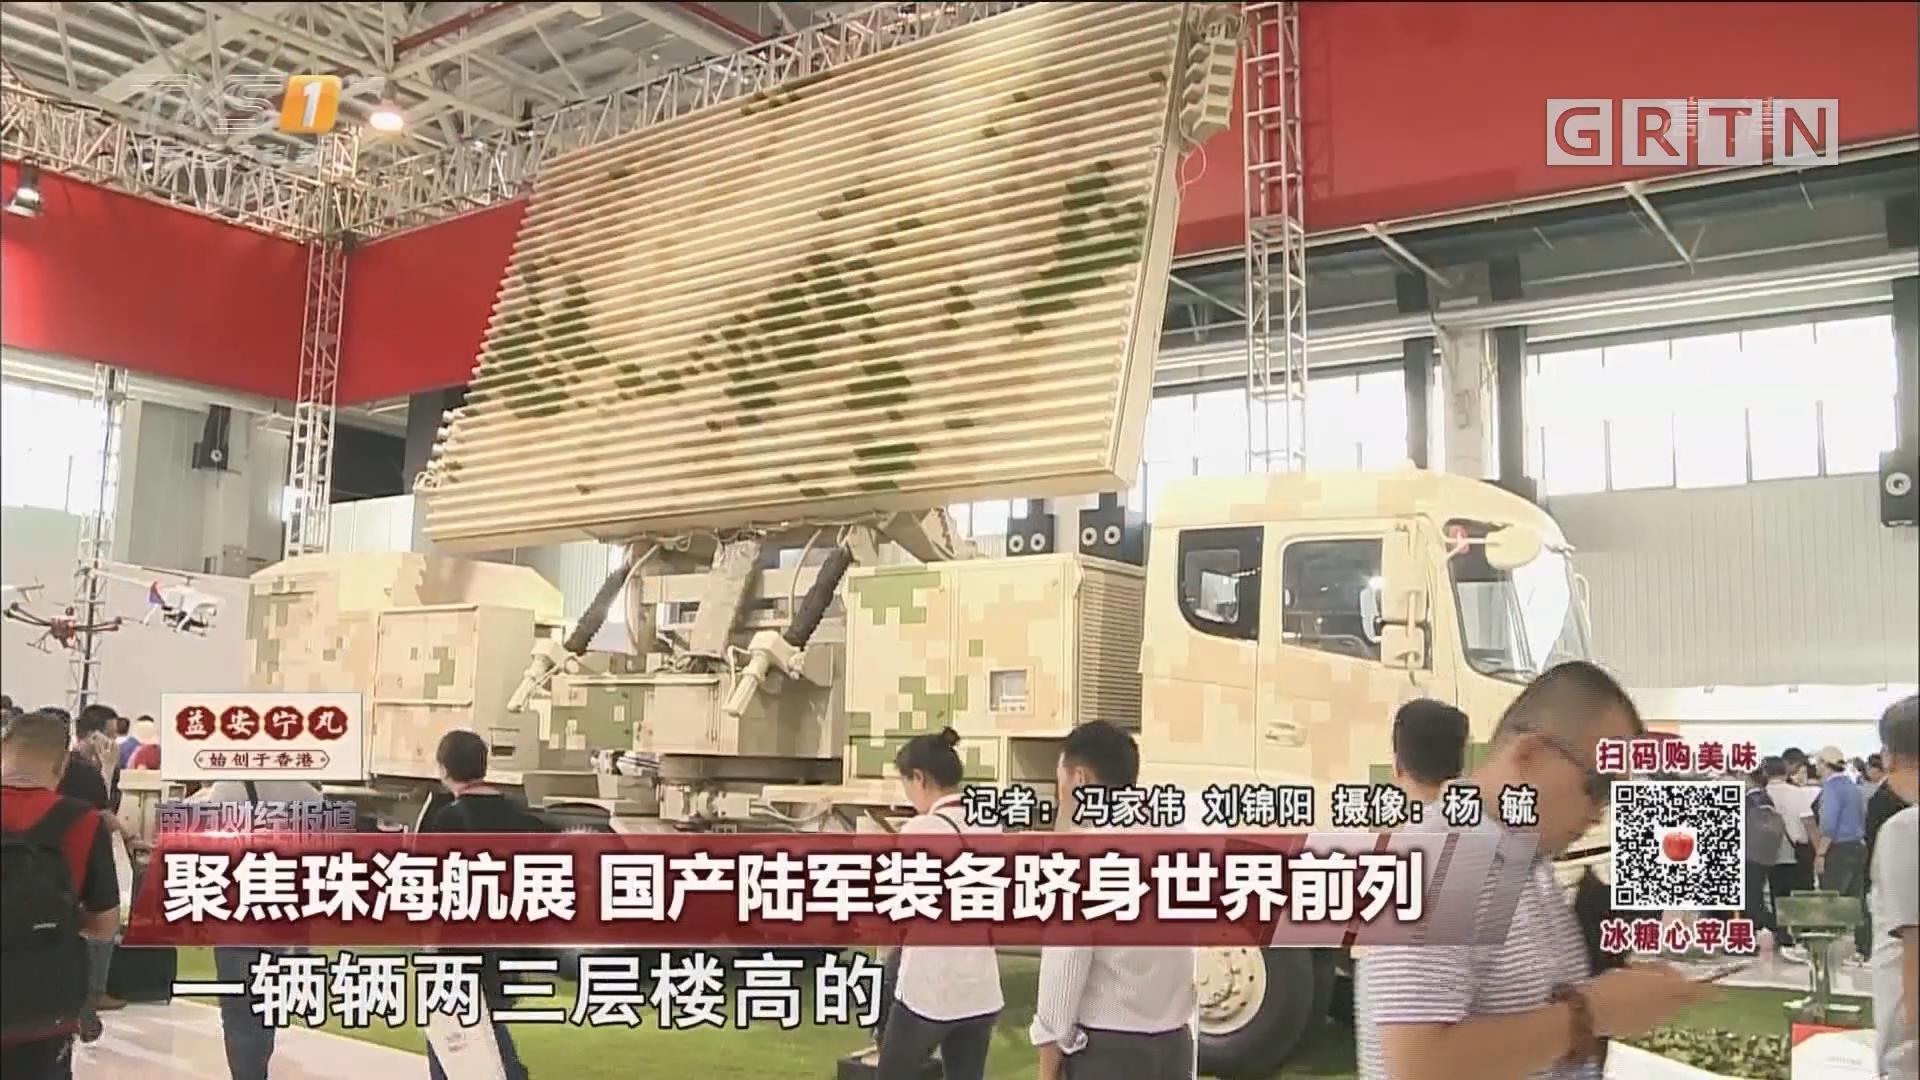 聚焦珠海航展 国产陆军装备跻身世界前列